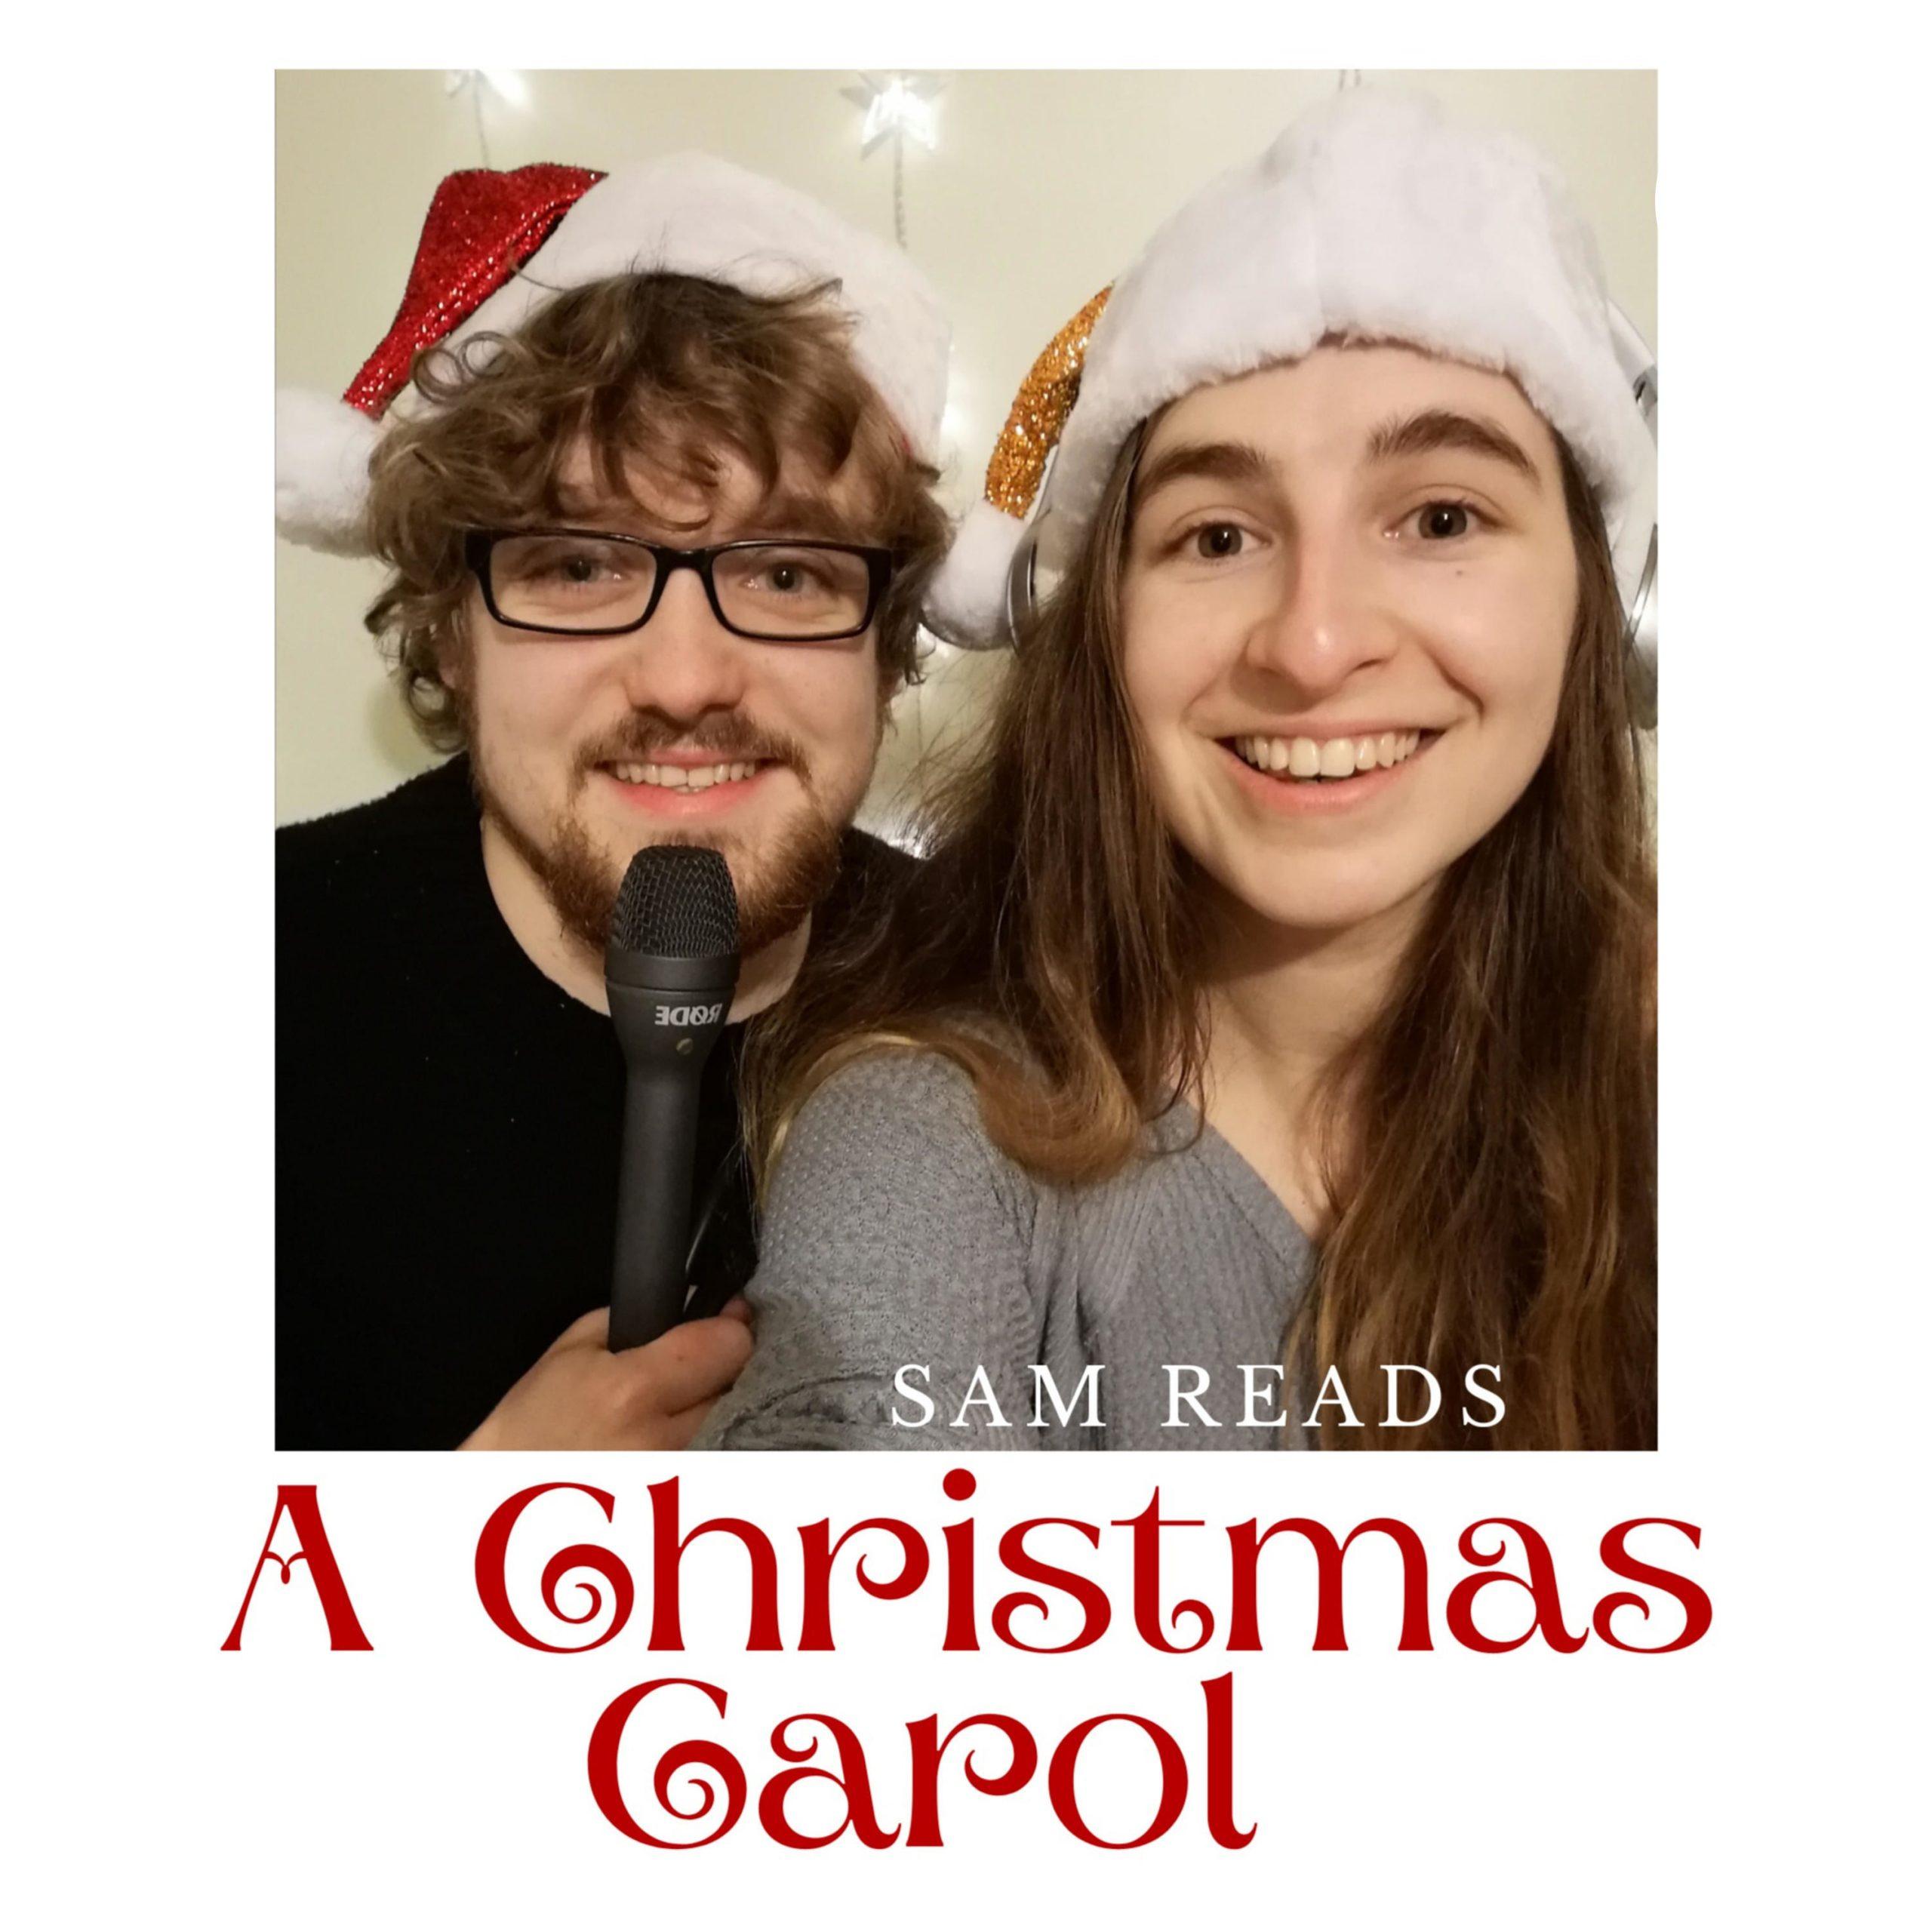 Sam Reads A Christmas Carol